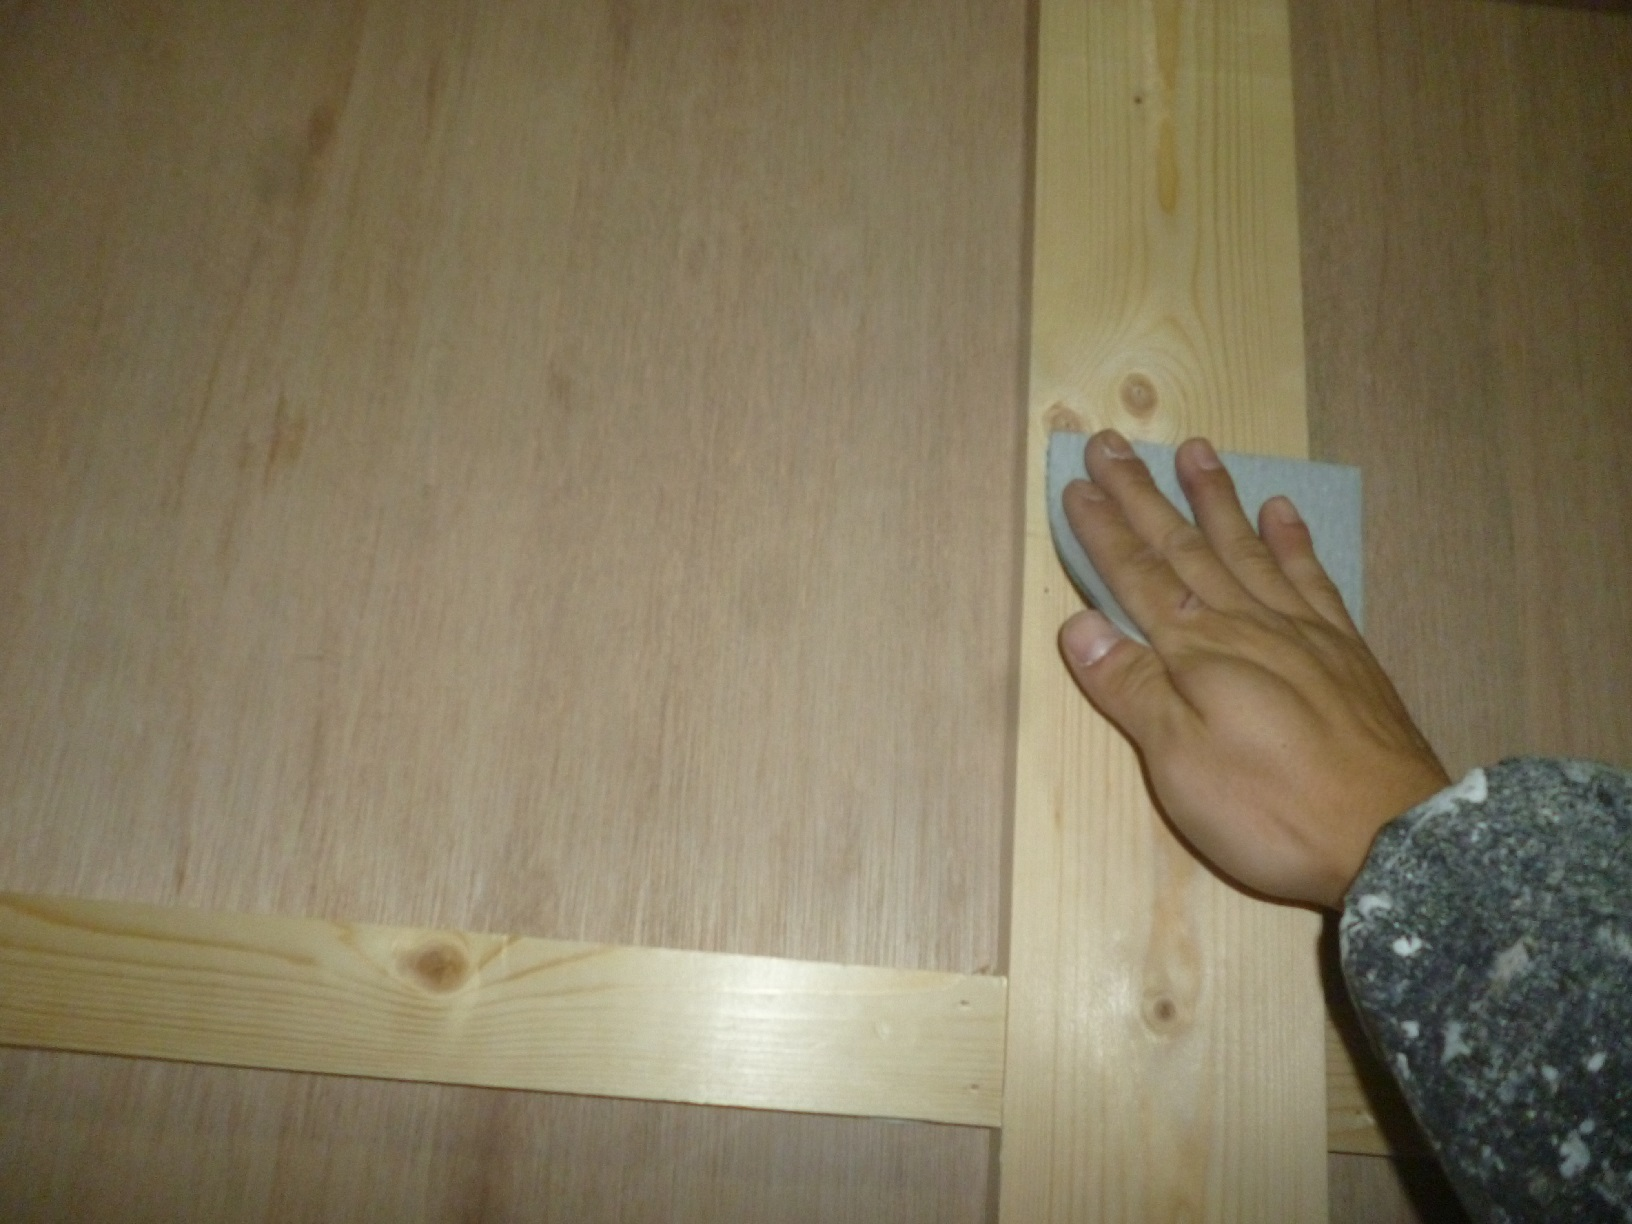 モンキーパンチコレクション 作業部屋木部 下処理4